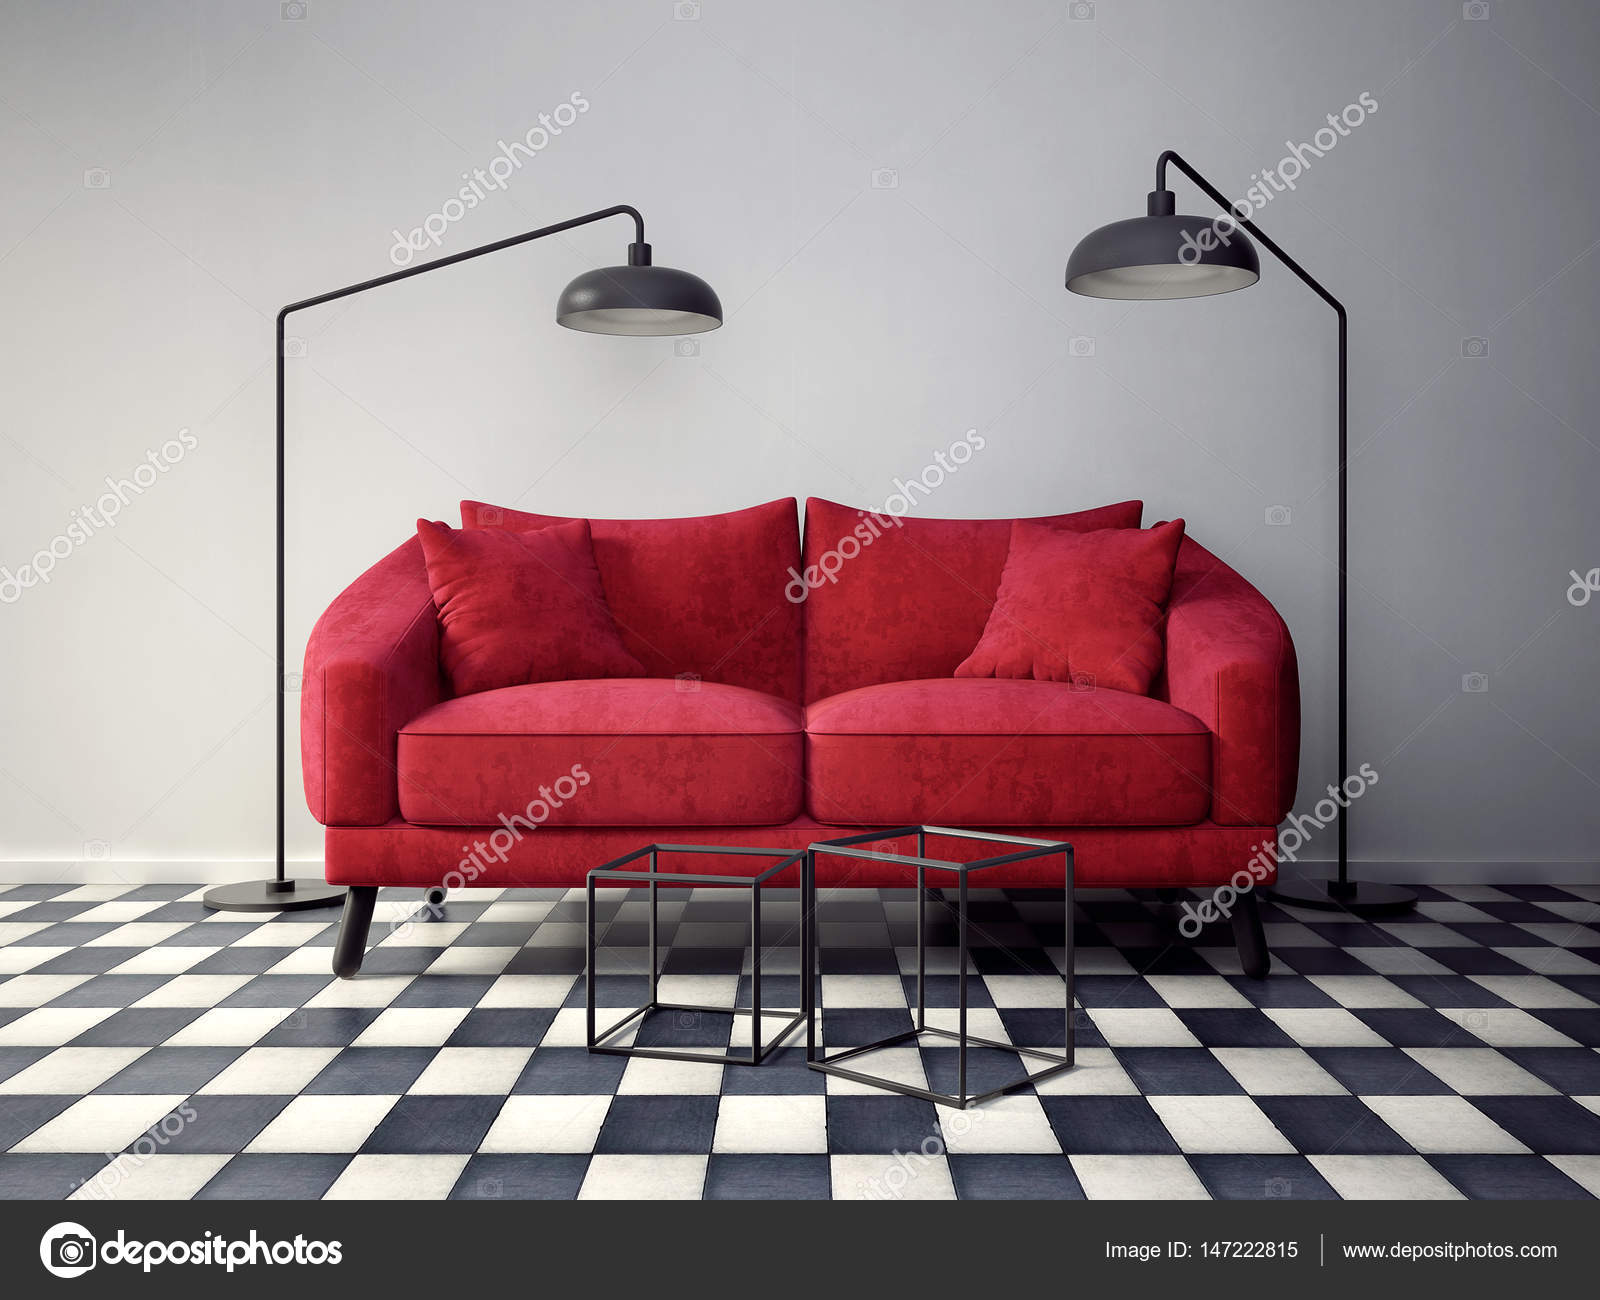 modernes Zimmer mit roten sofa — Stockfoto © alexroz #147222815